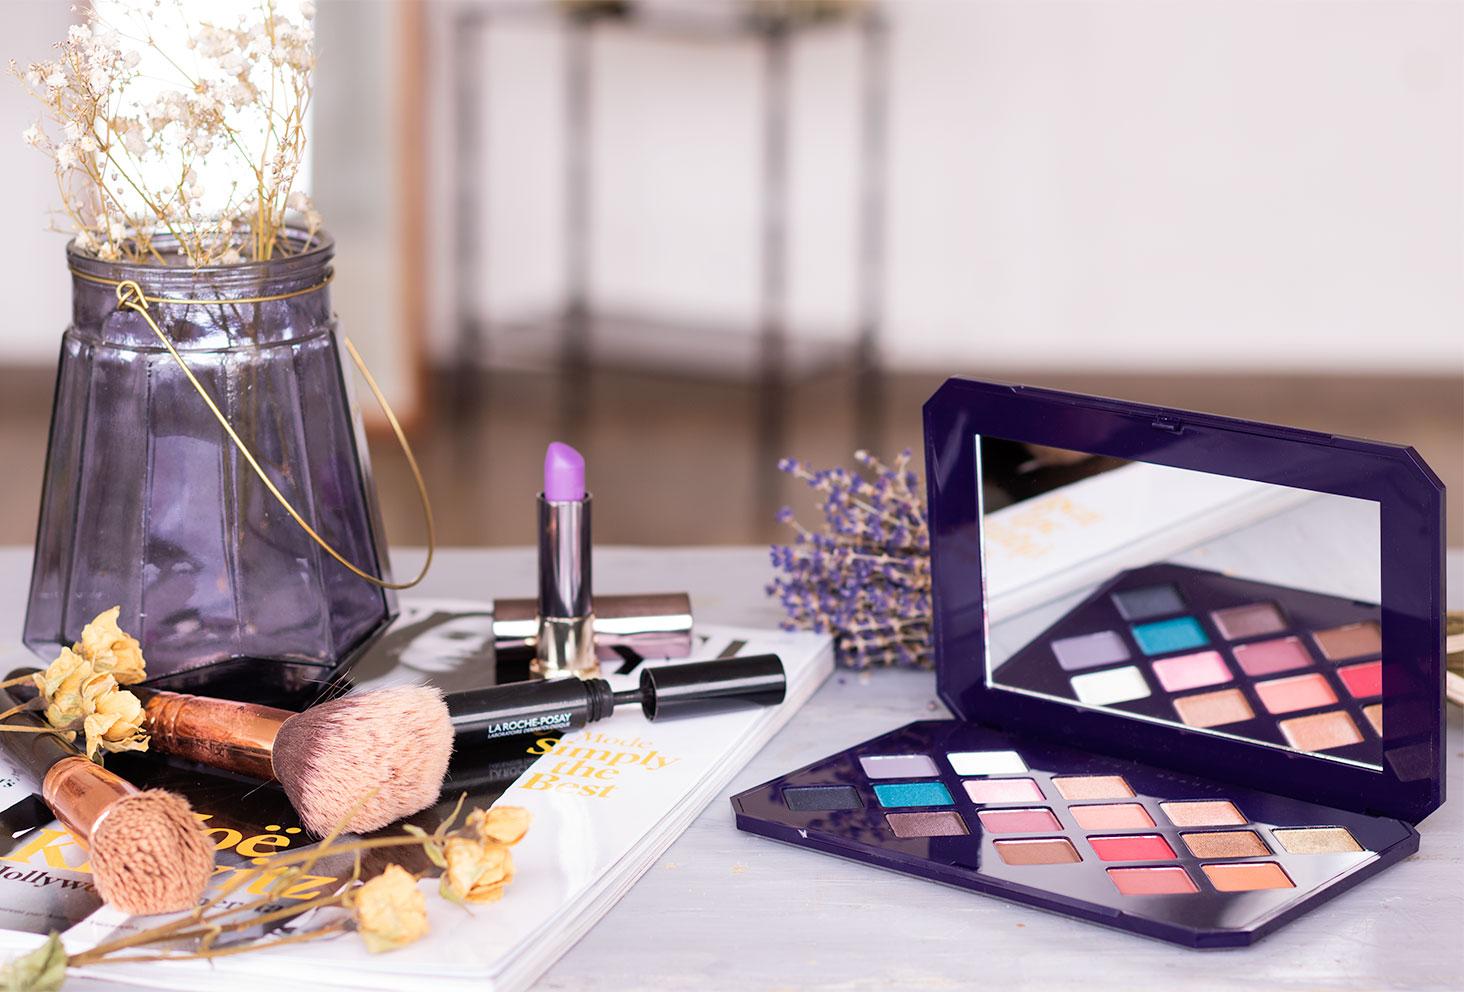 La palette Moroccan Spice de Fenty Beauty by Rihanna posée sur une table à côté d'un magazine beauté, entourée de maquillage et de fleurs séchées